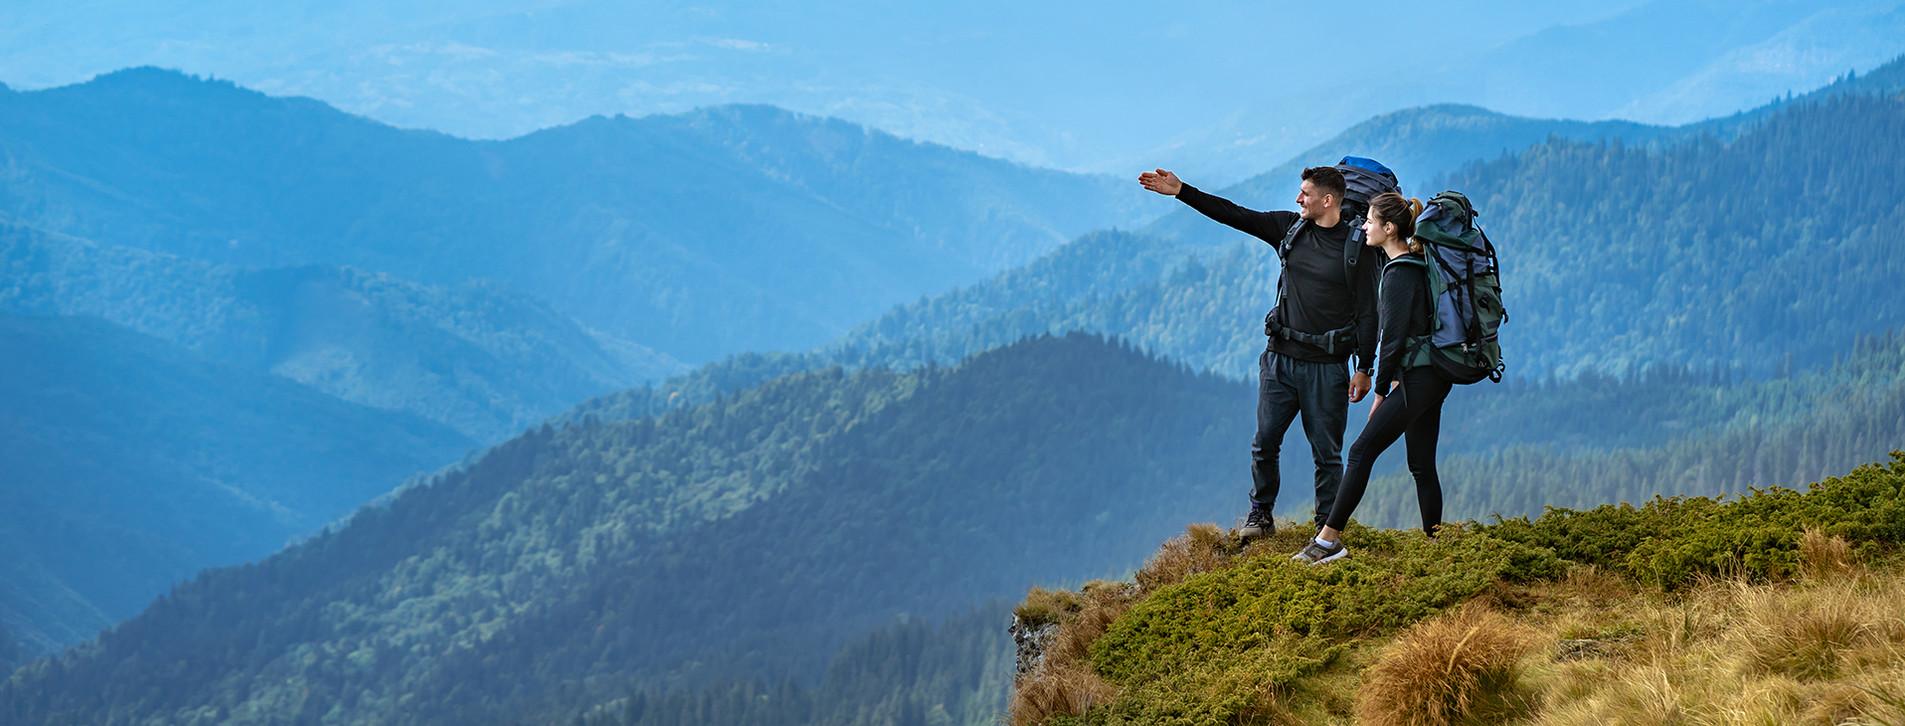 Фото 1 - Поход в Карпатские горы